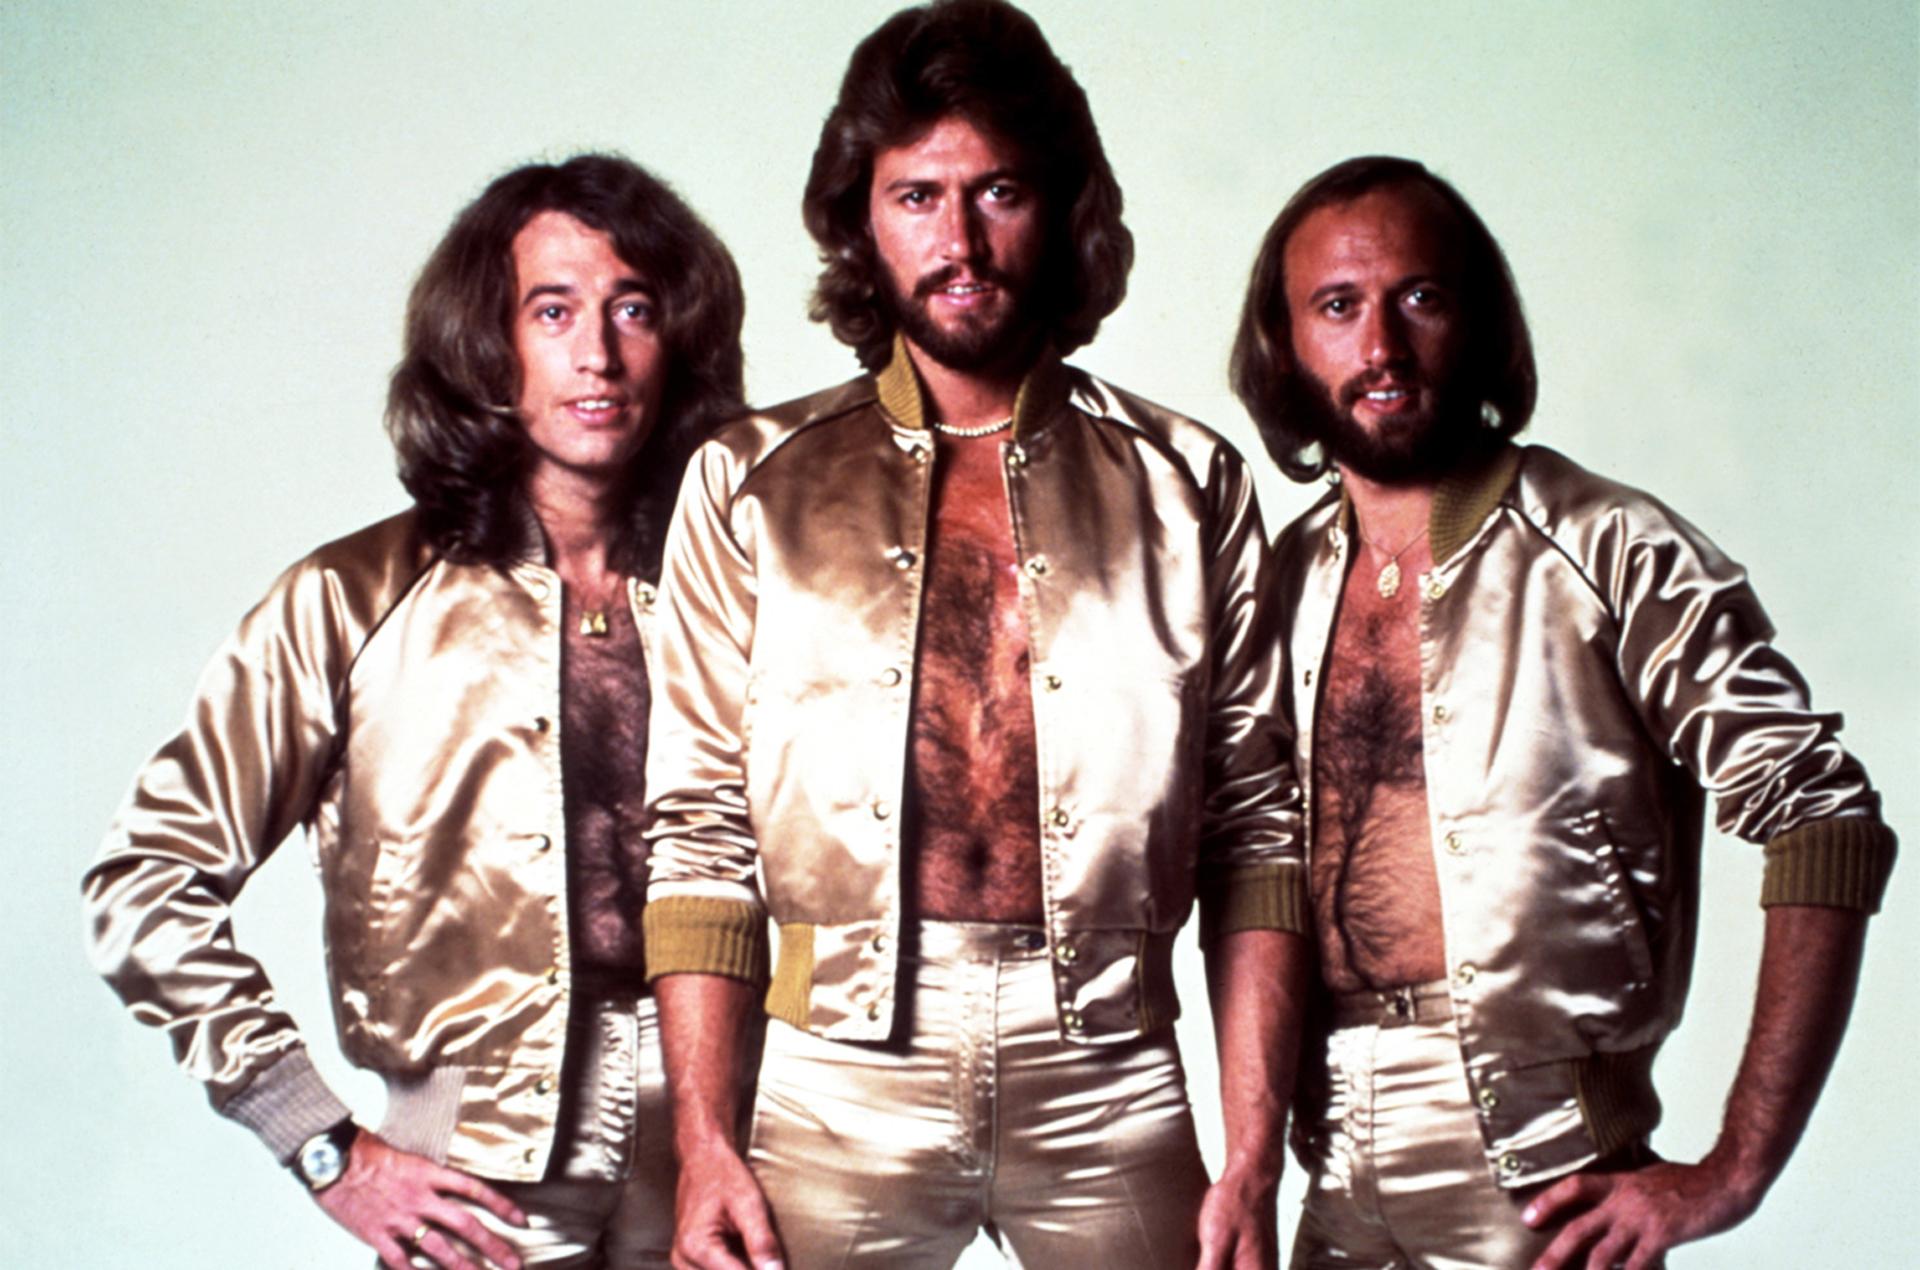 Pese a que en algunos momentos fueron subestimados, los Bee Gees integran el listado de los artistas más exitosos de todos los tiempos